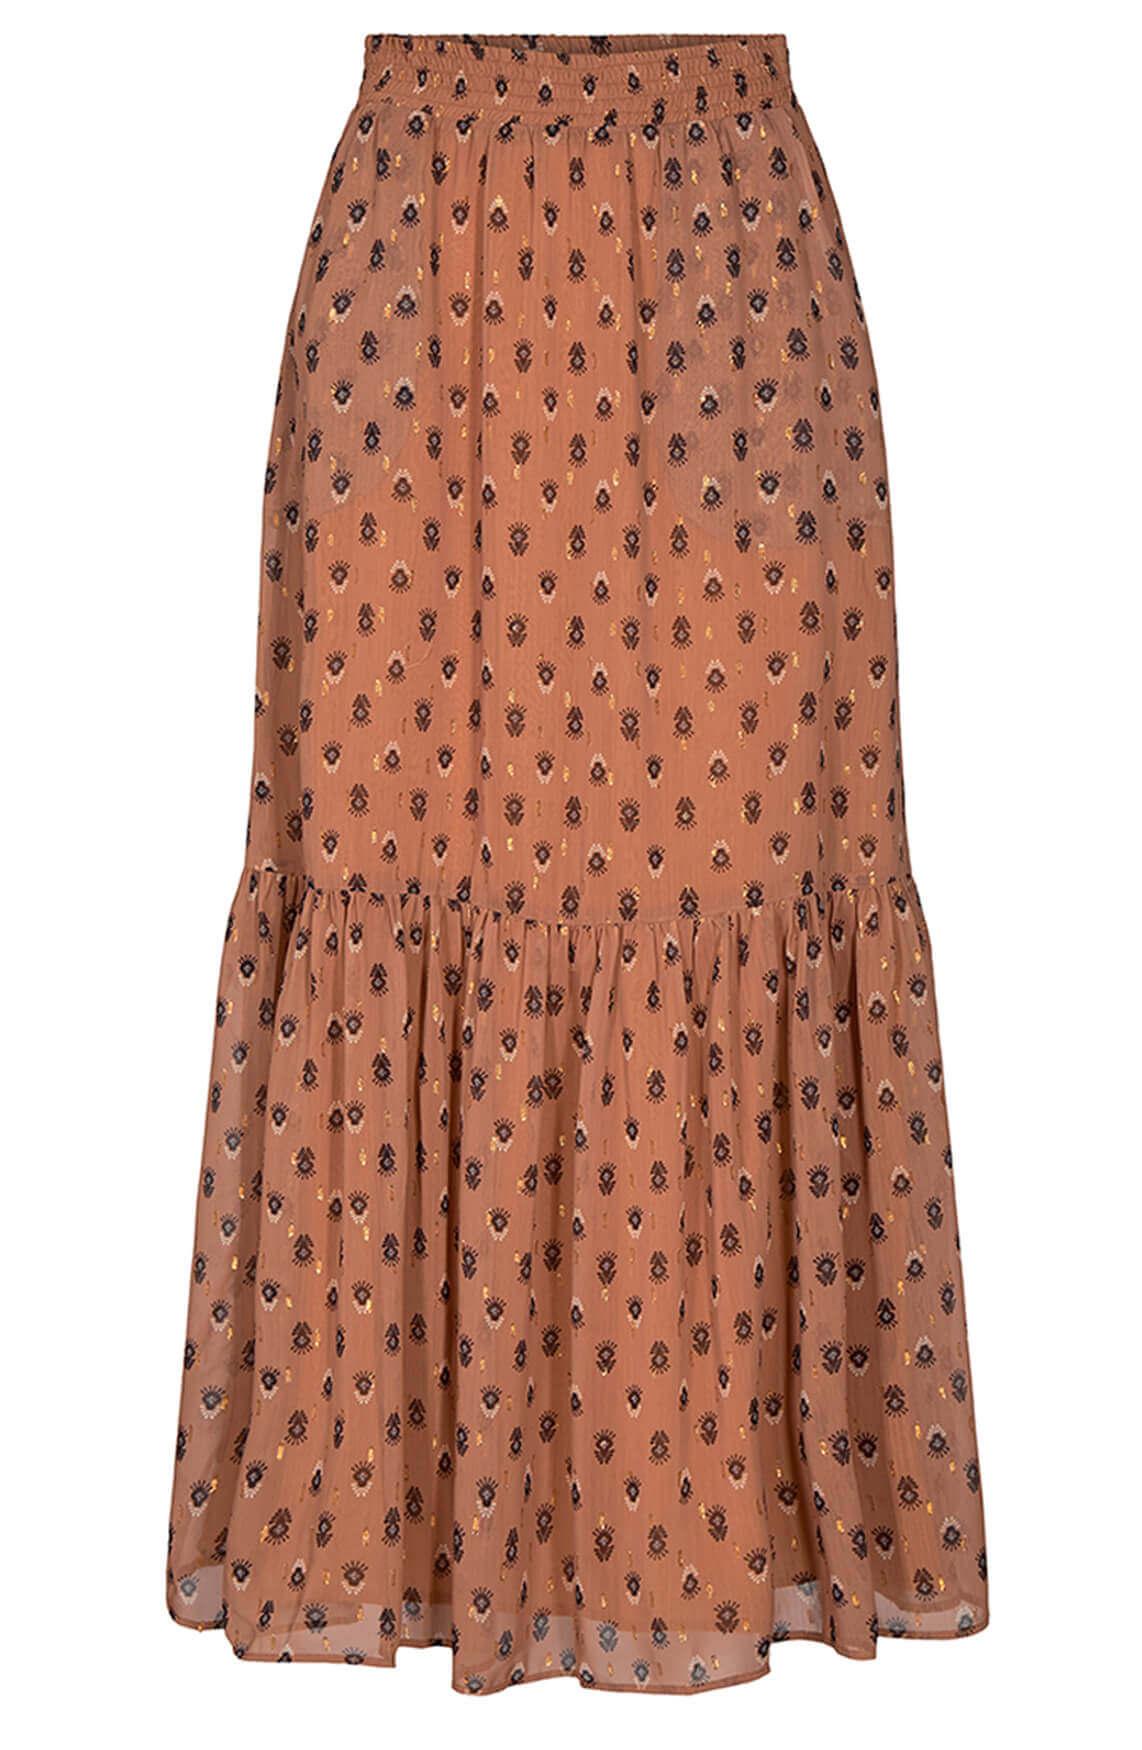 Co Couture Dames Moni Gipsy rok Bruin